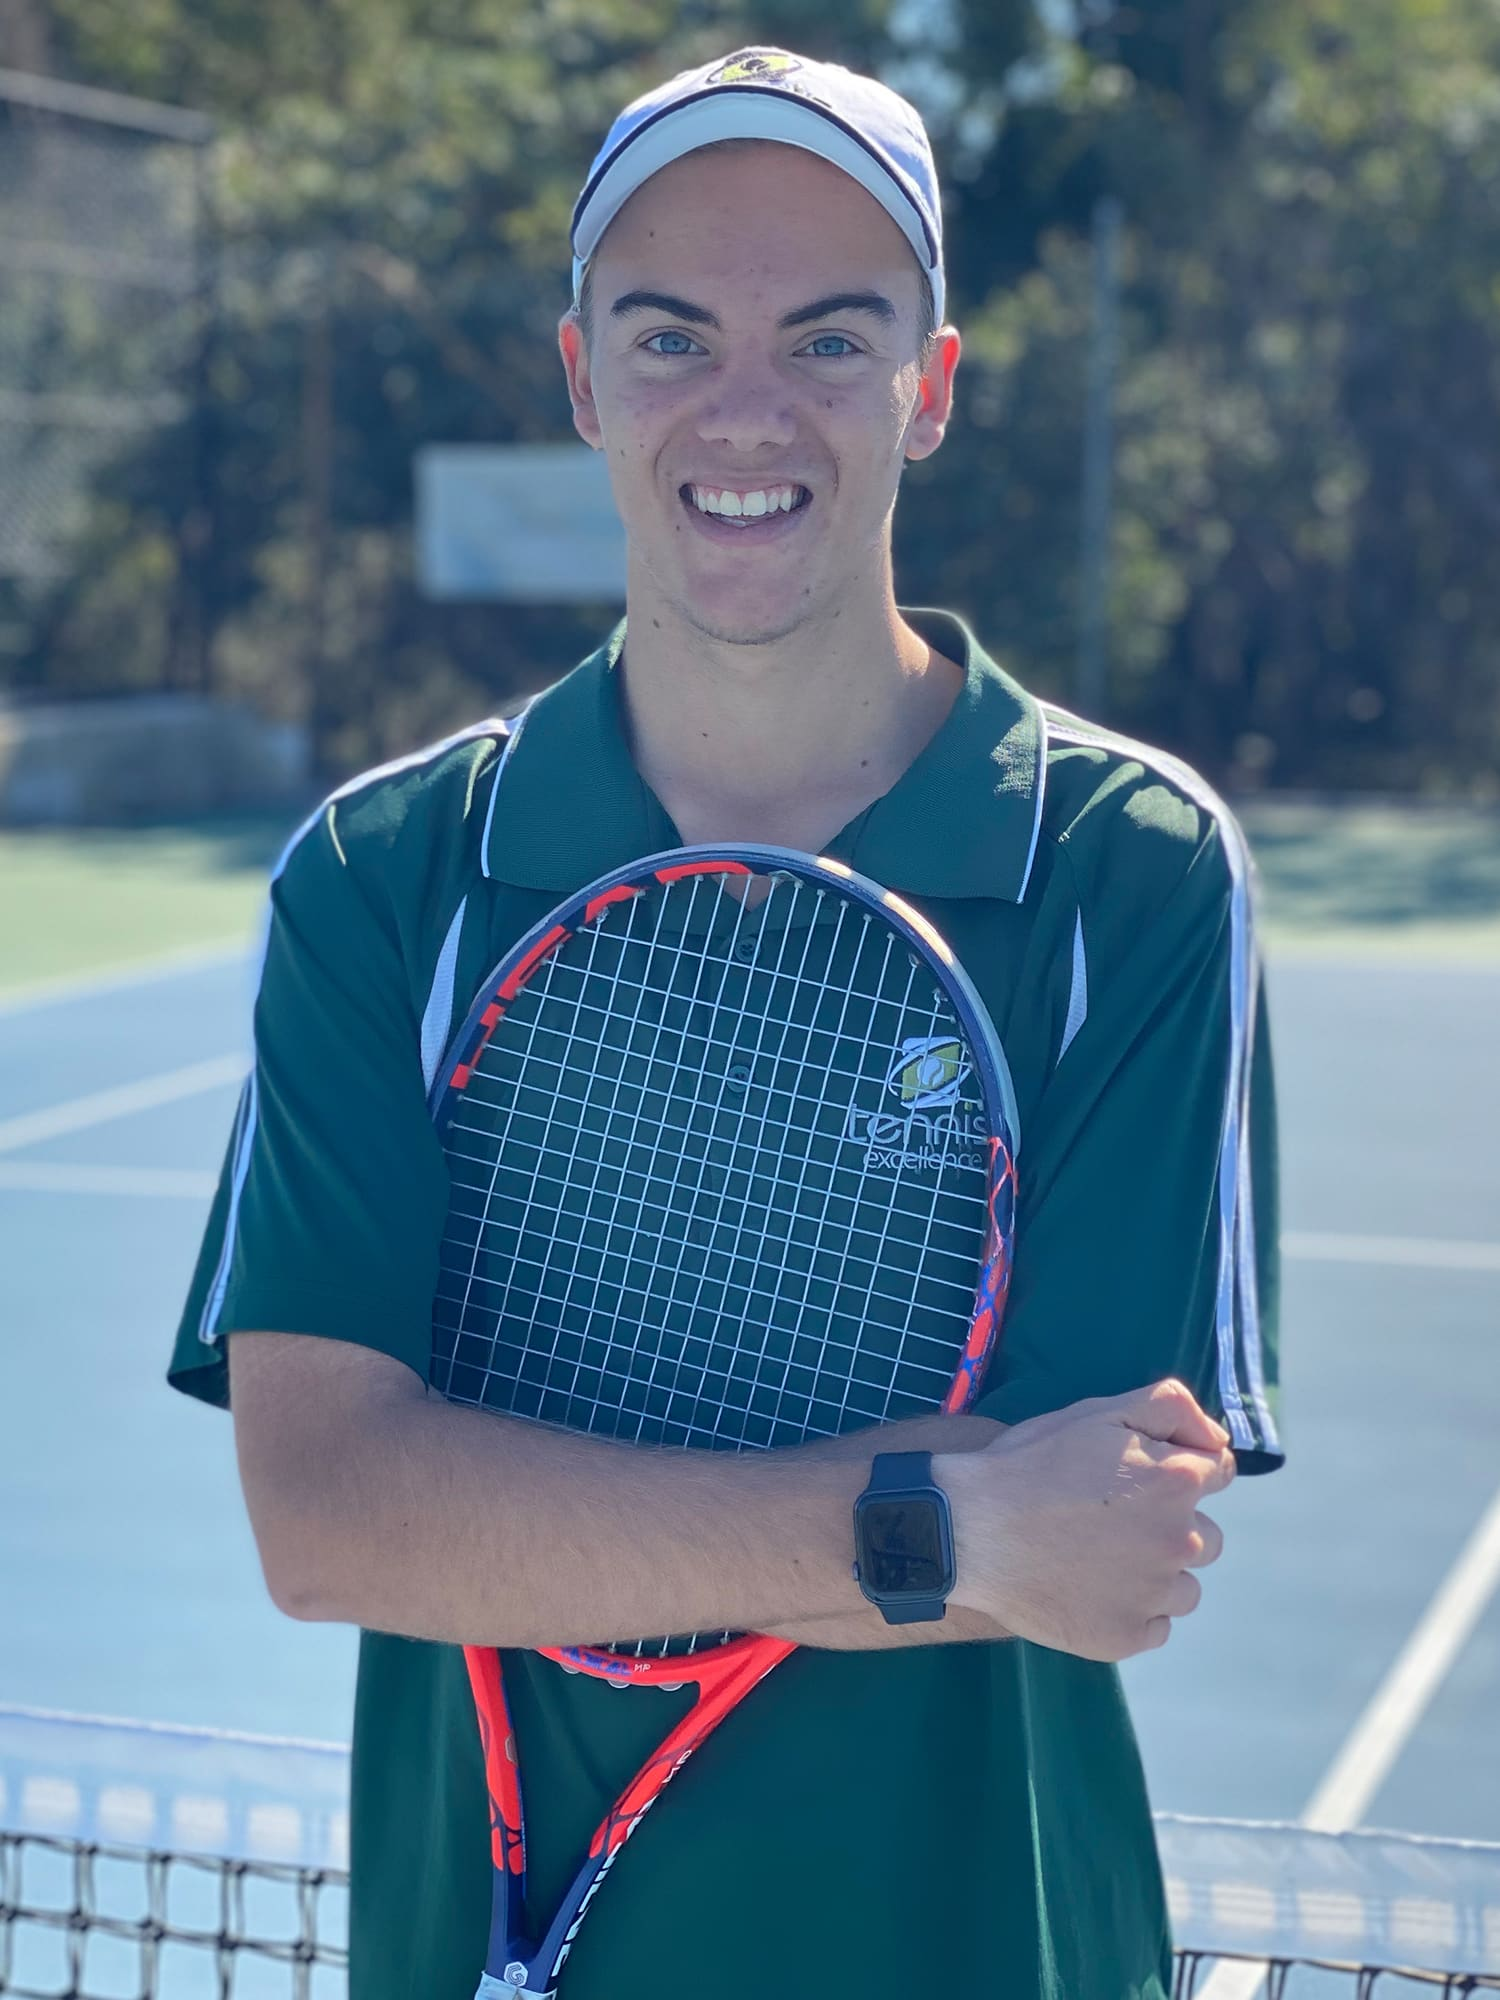 https://www.tennisexcellence.com.au/wp-content/uploads/2020/05/Coach_Aidan-Cook.jpg